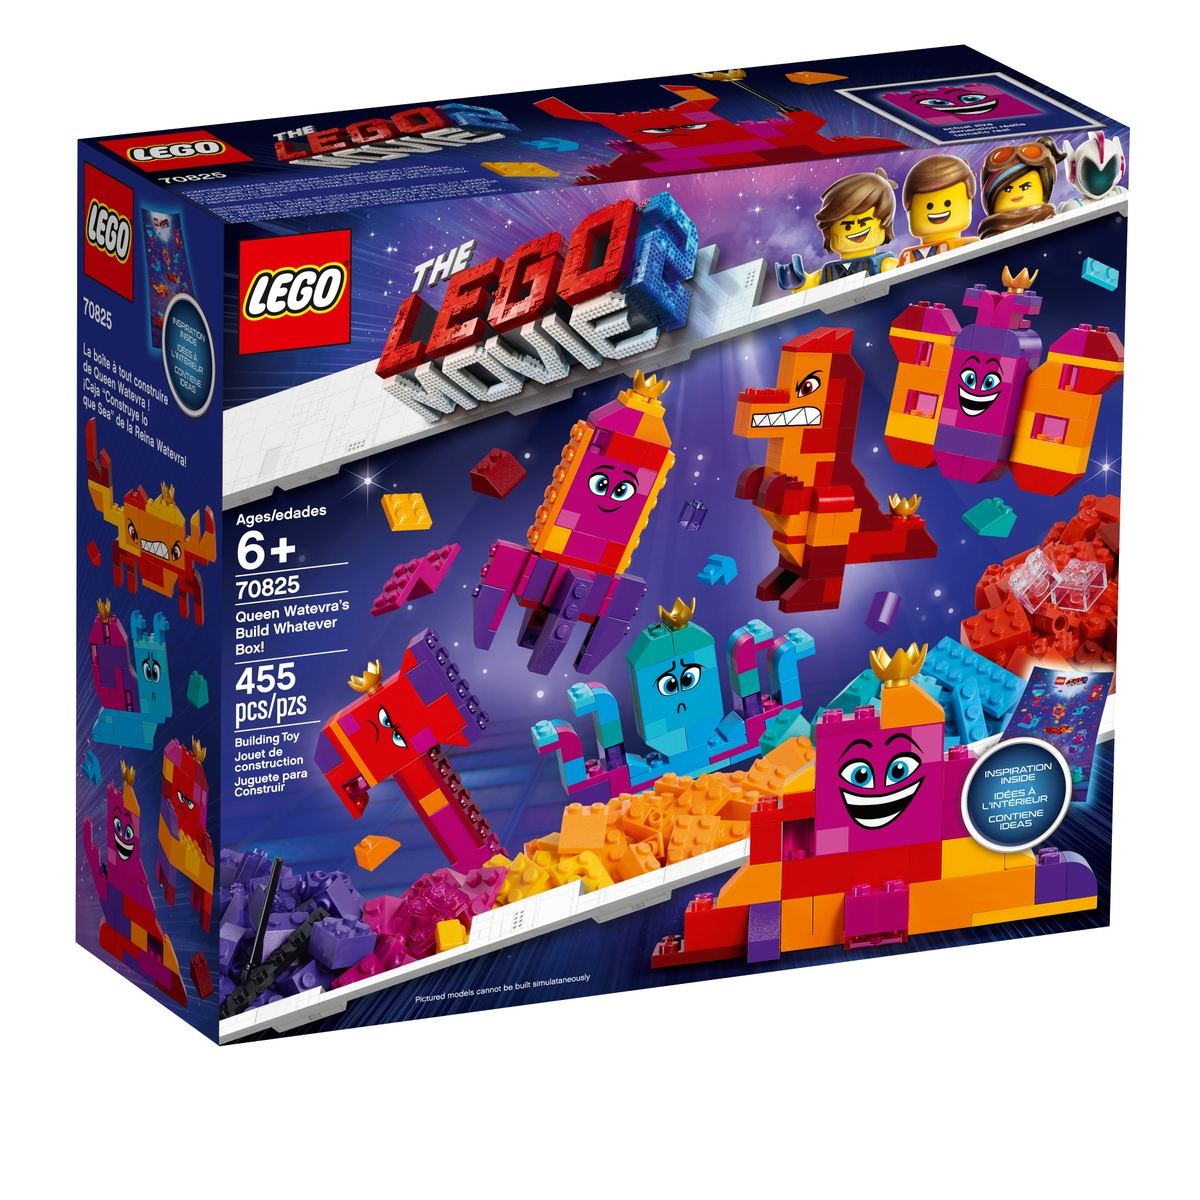 lego 70825 queen watevras build whatever